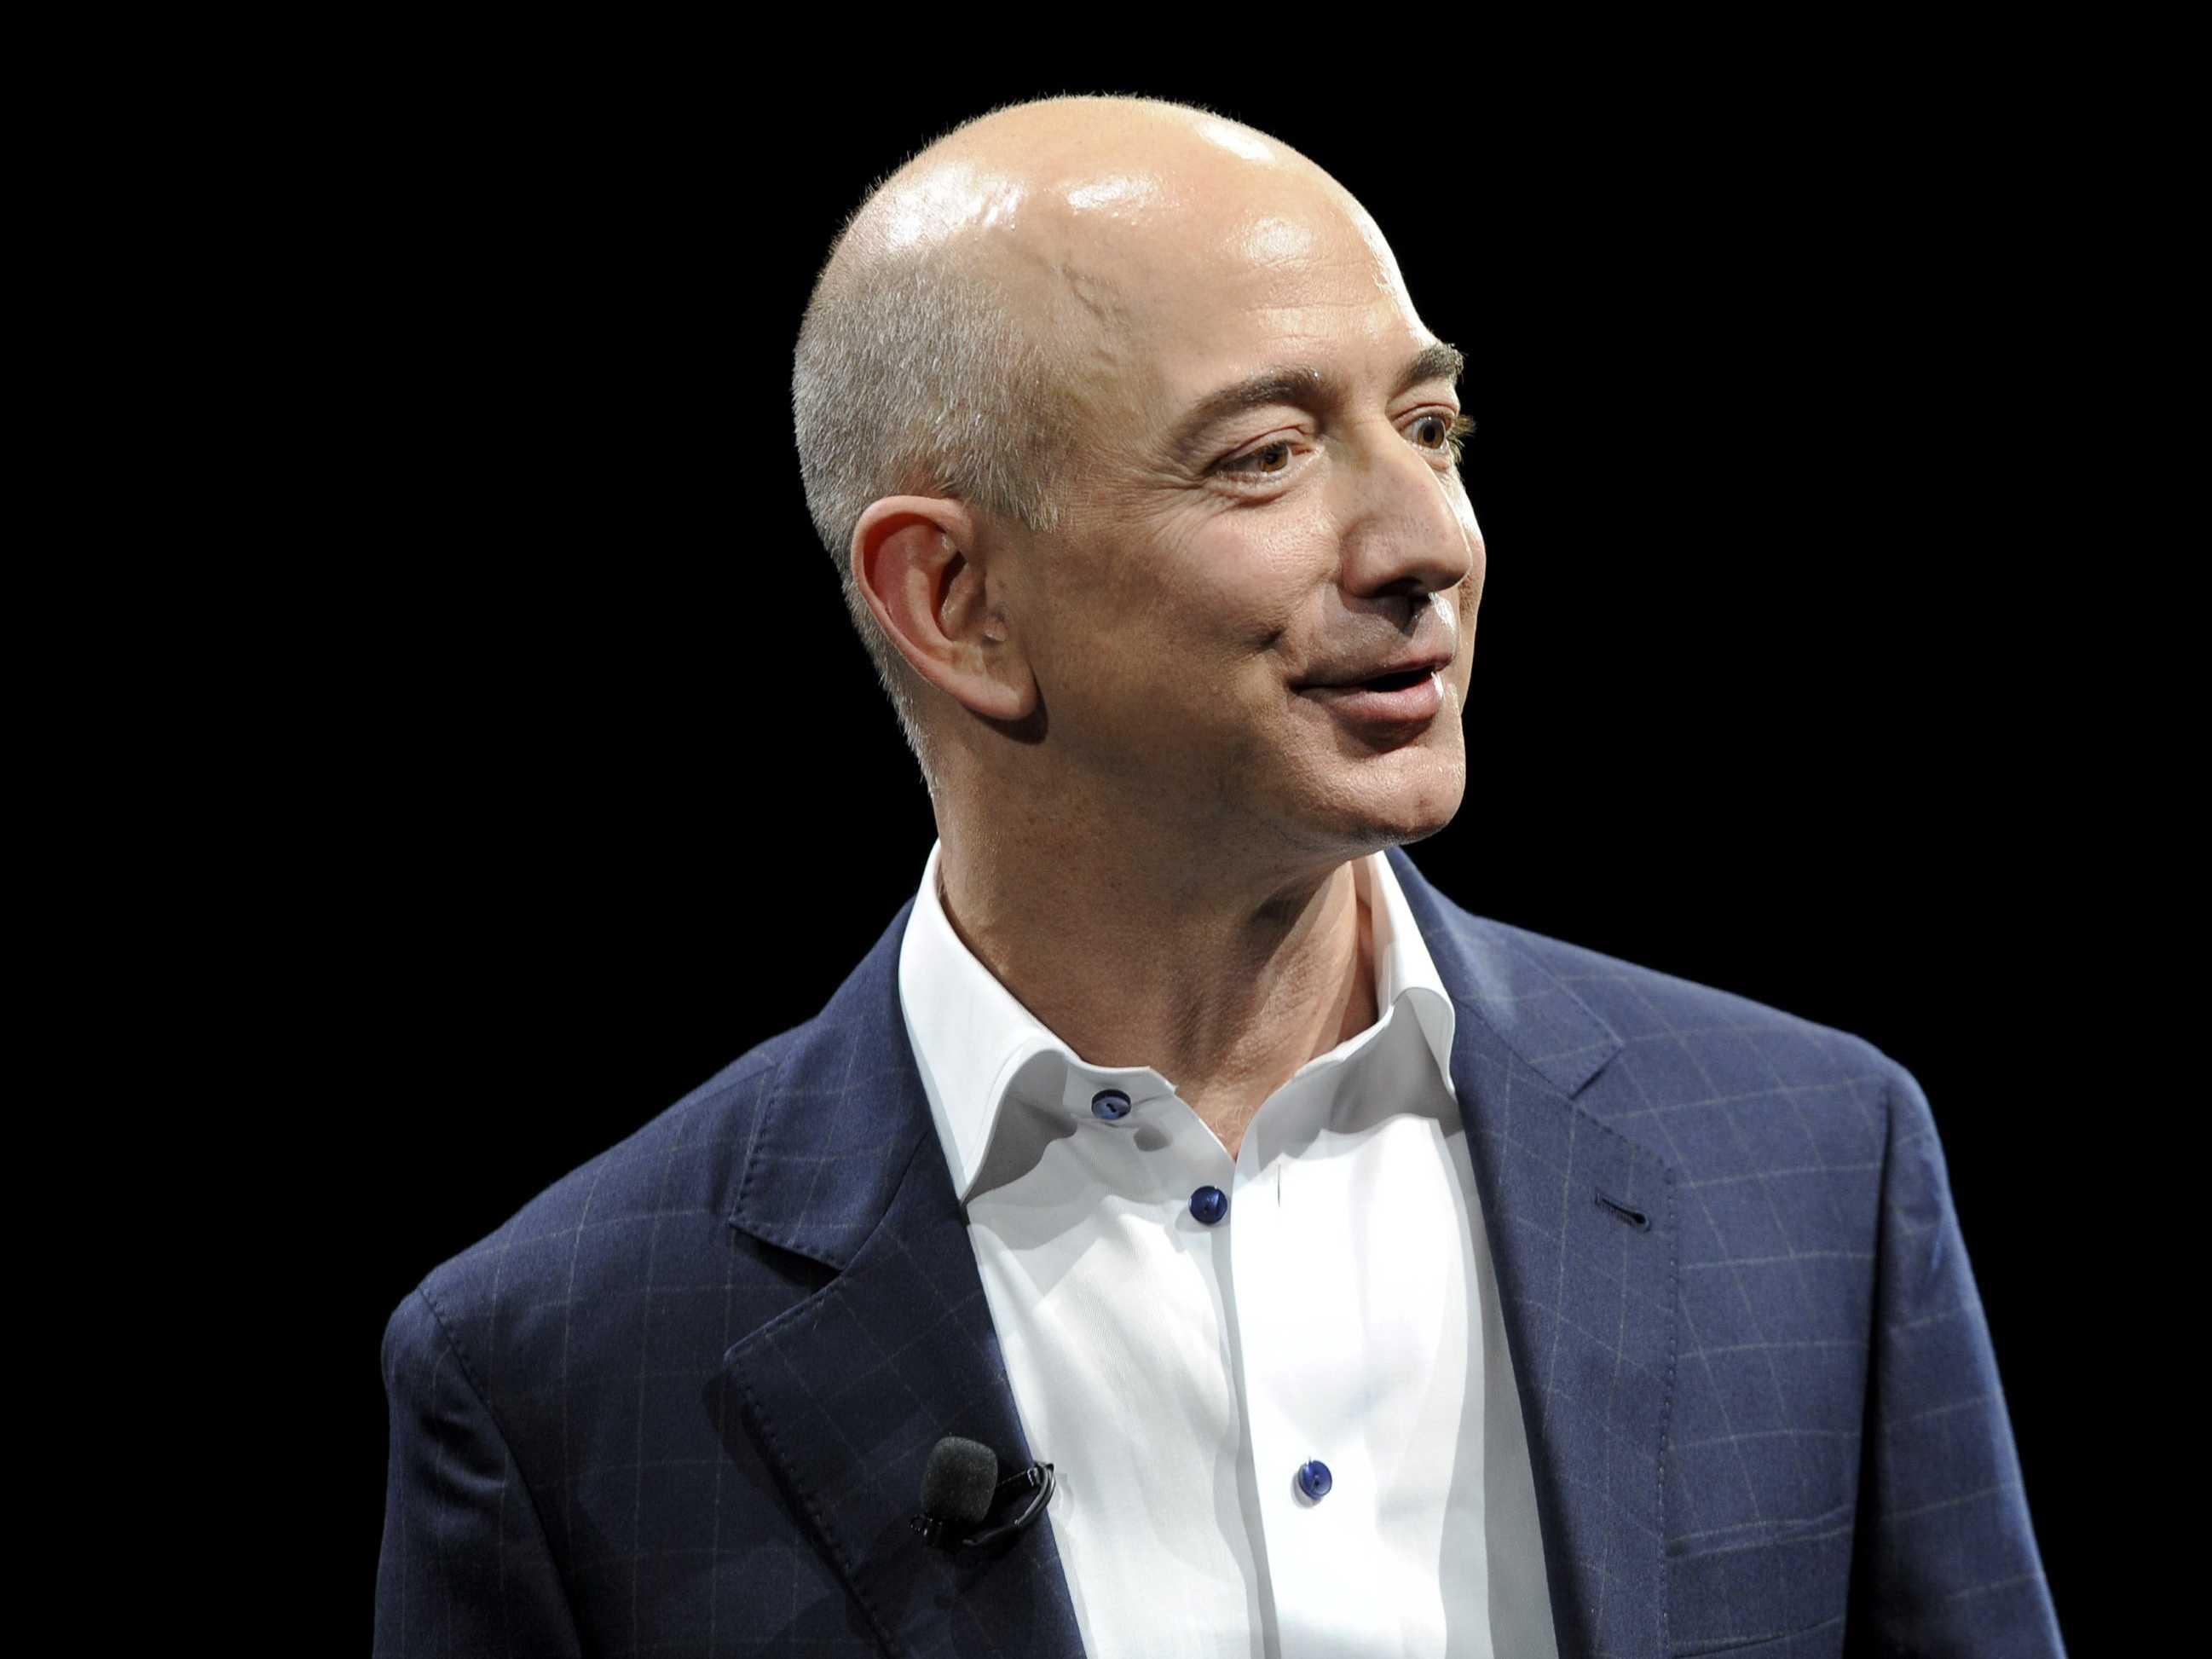 Jeff Bezos acusou executivos de ameaçarem publicar suas fotos íntimas se jornal não acabar com investigação